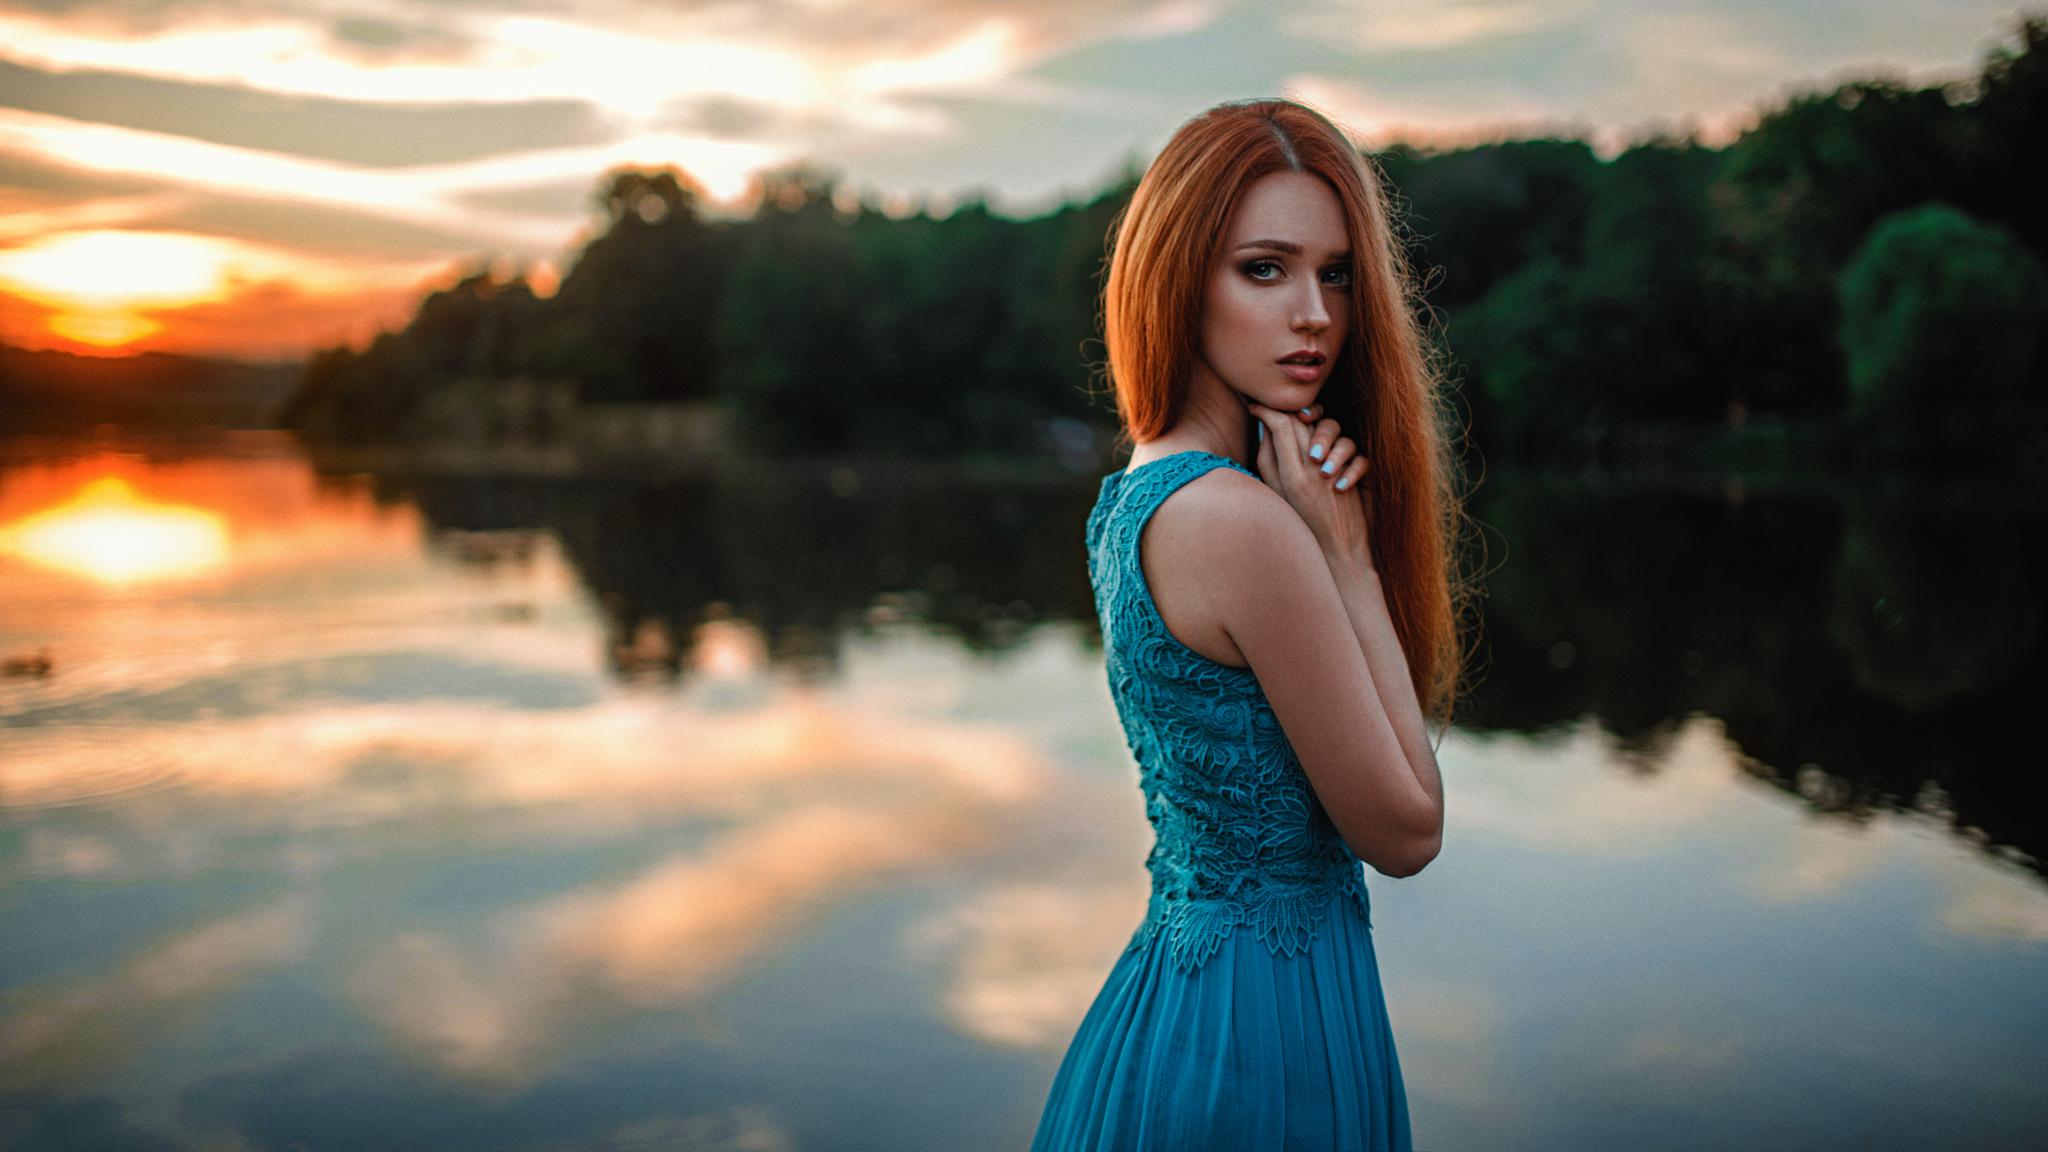 Фото самых красивых девушек, порно с анна полина